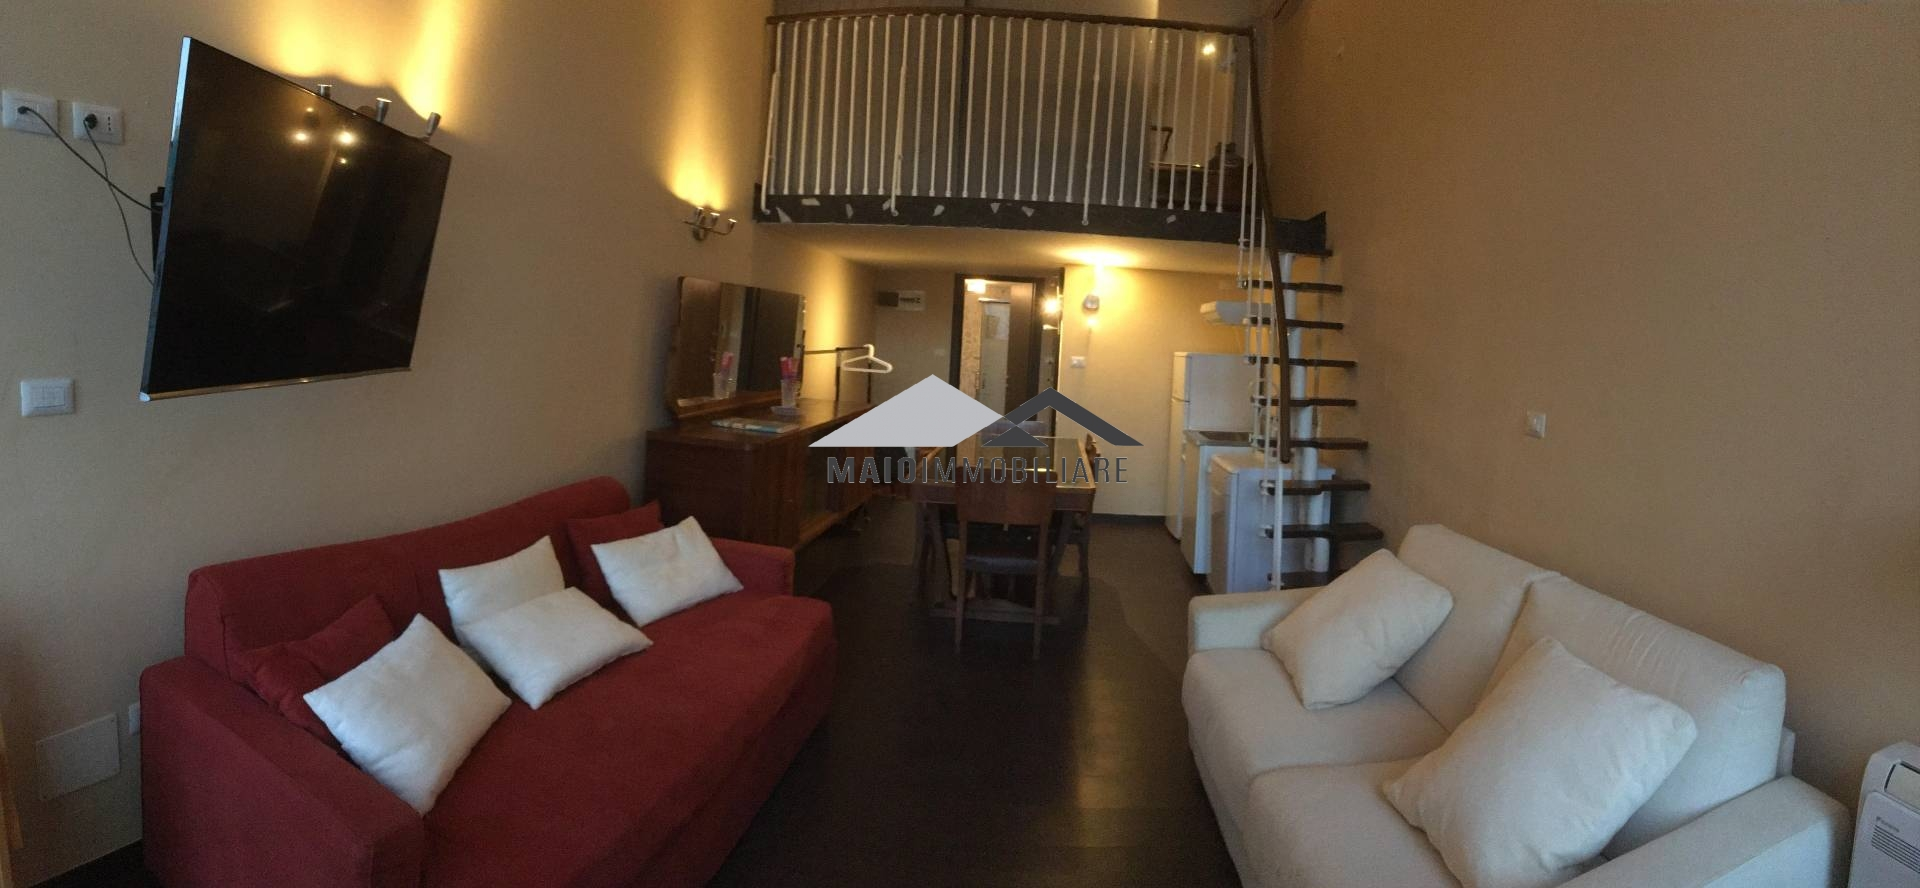 Appartamento in vendita a Riccione, 2 locali, zona Località: CENTRO, prezzo € 265.000 | Cambio Casa.it